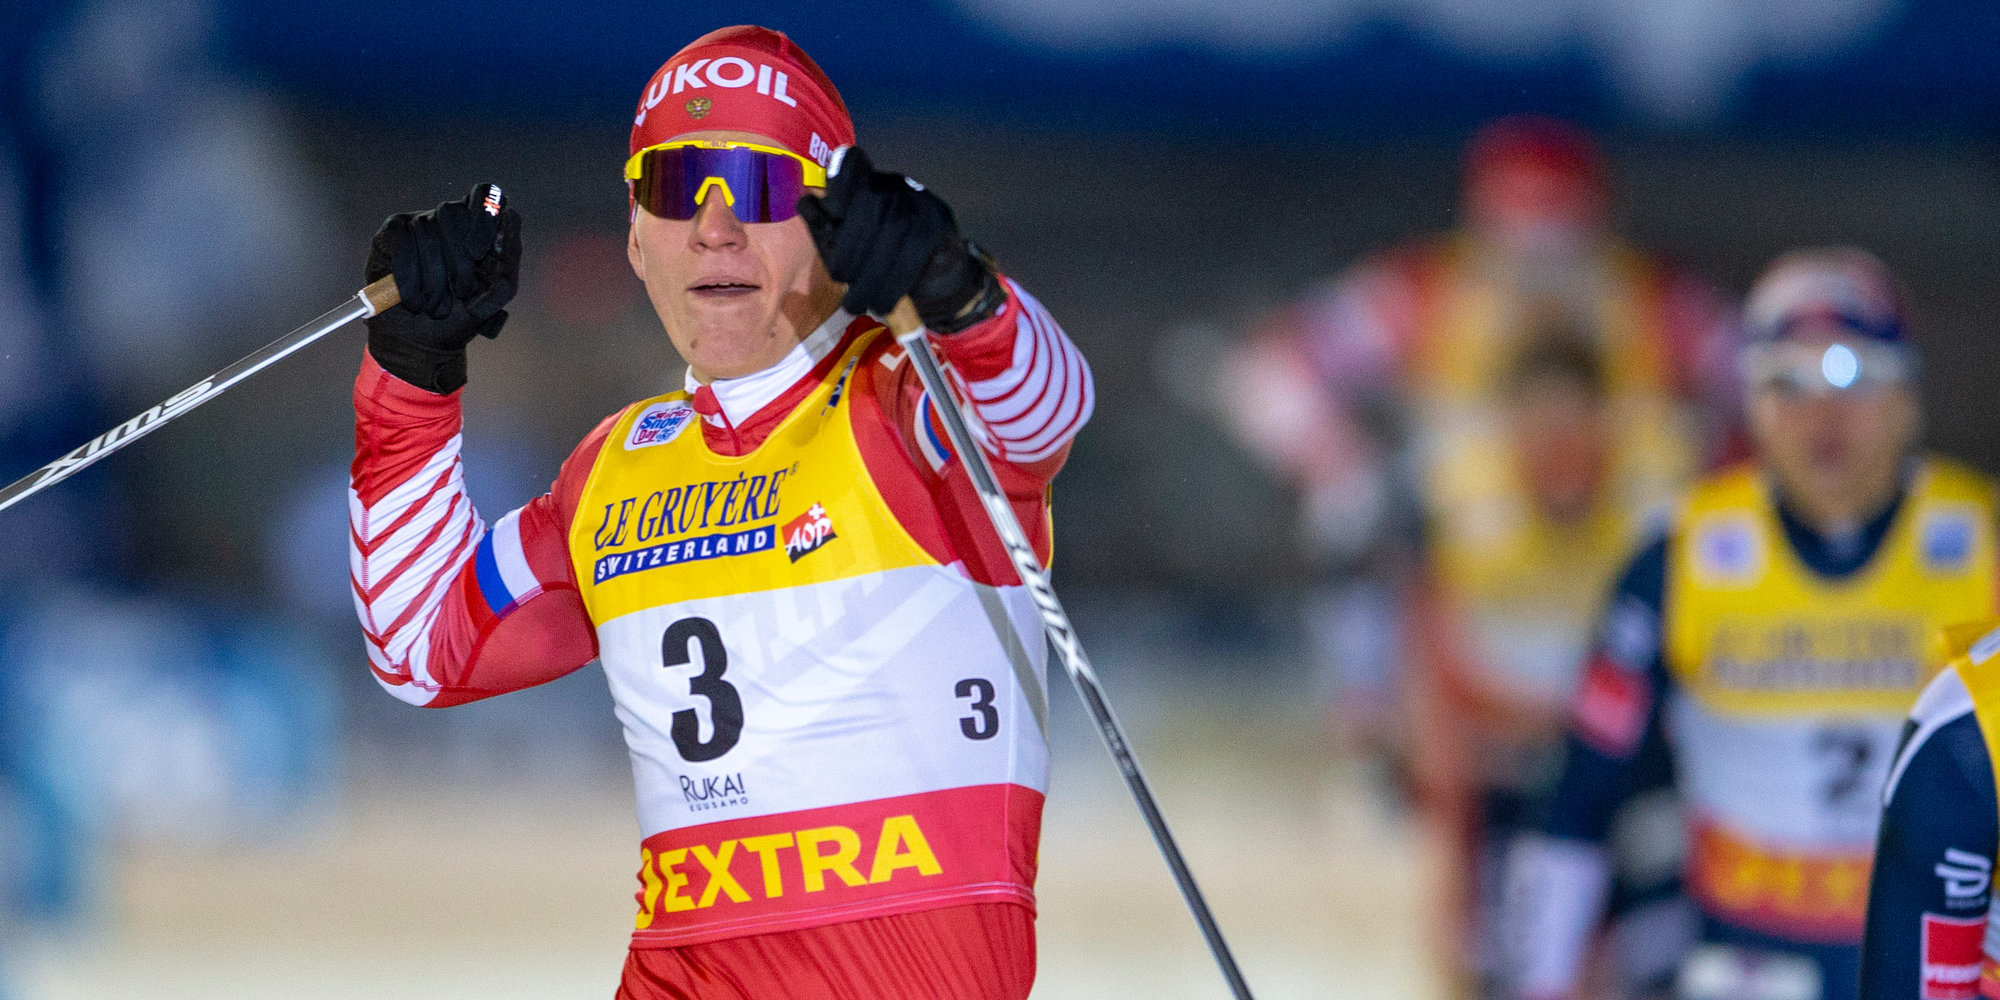 Лыжные гонки. Большунов заменил Червоткина в марафоне на ЧМ